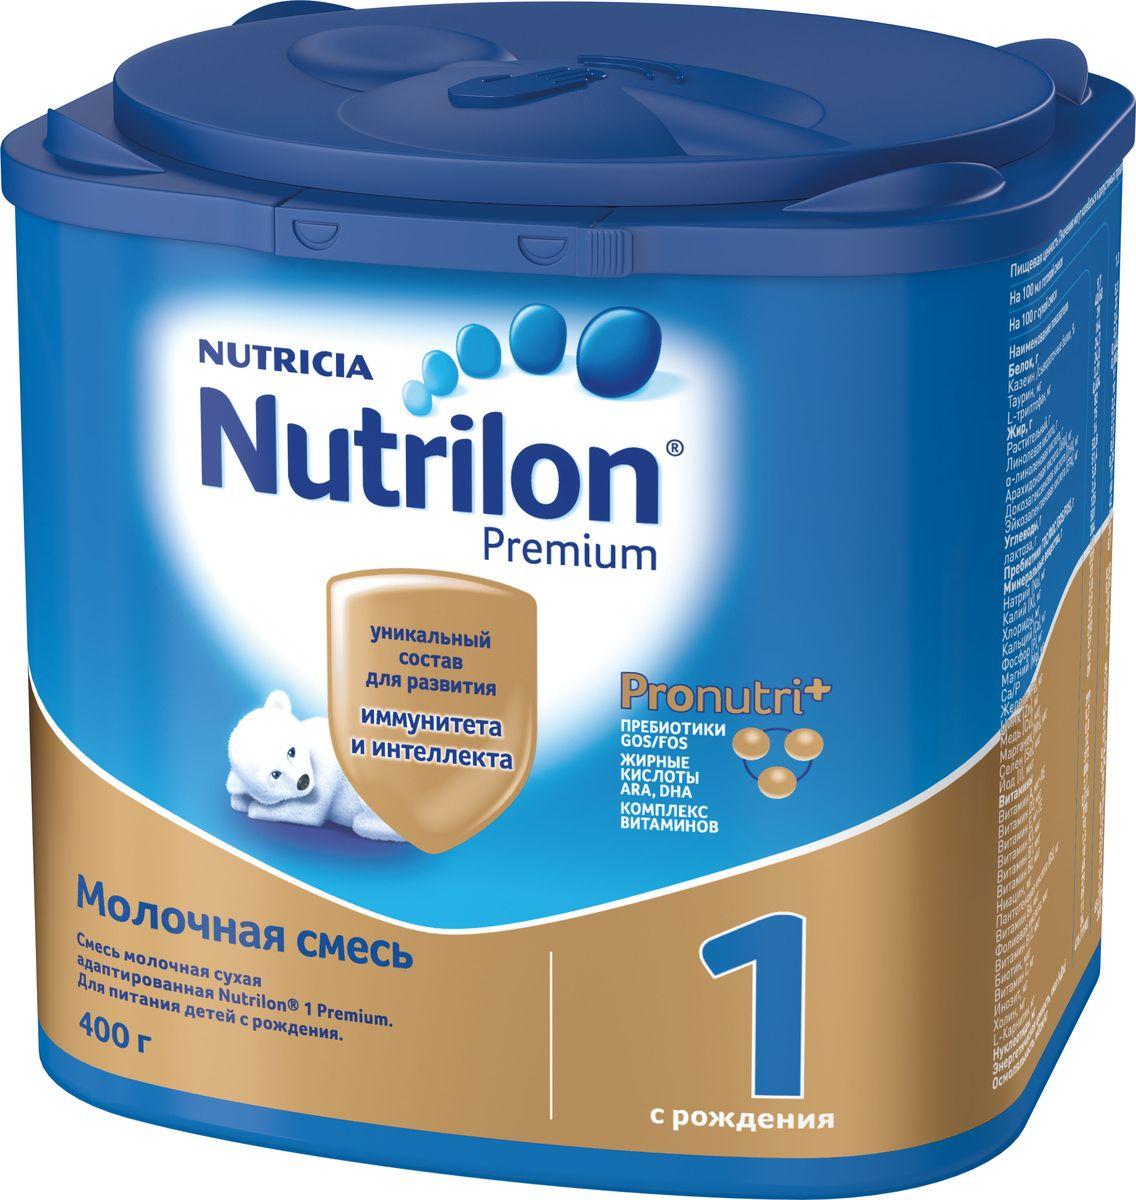 Nutrilon Премиум 1 молочная смесь PronutriPlus, с рождения, 400 г nutrilon премиум 2 молочная смесь pronutriplus с 6 месяцев 400 г